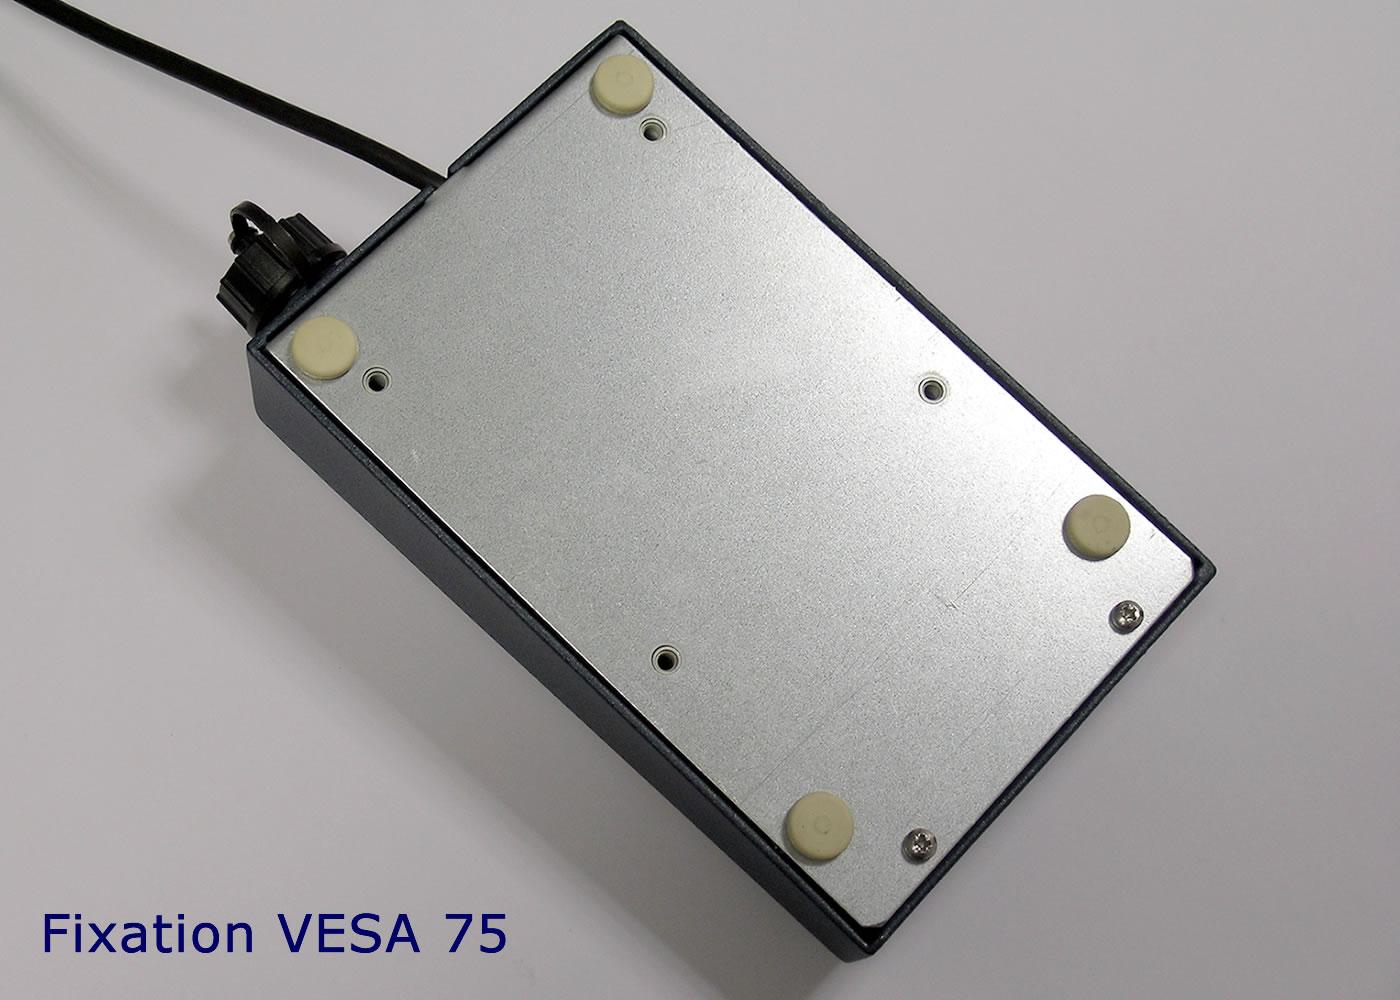 Clavier industriel 17 touches en boitier de table avec hub USB intégré – Fixations VESA75